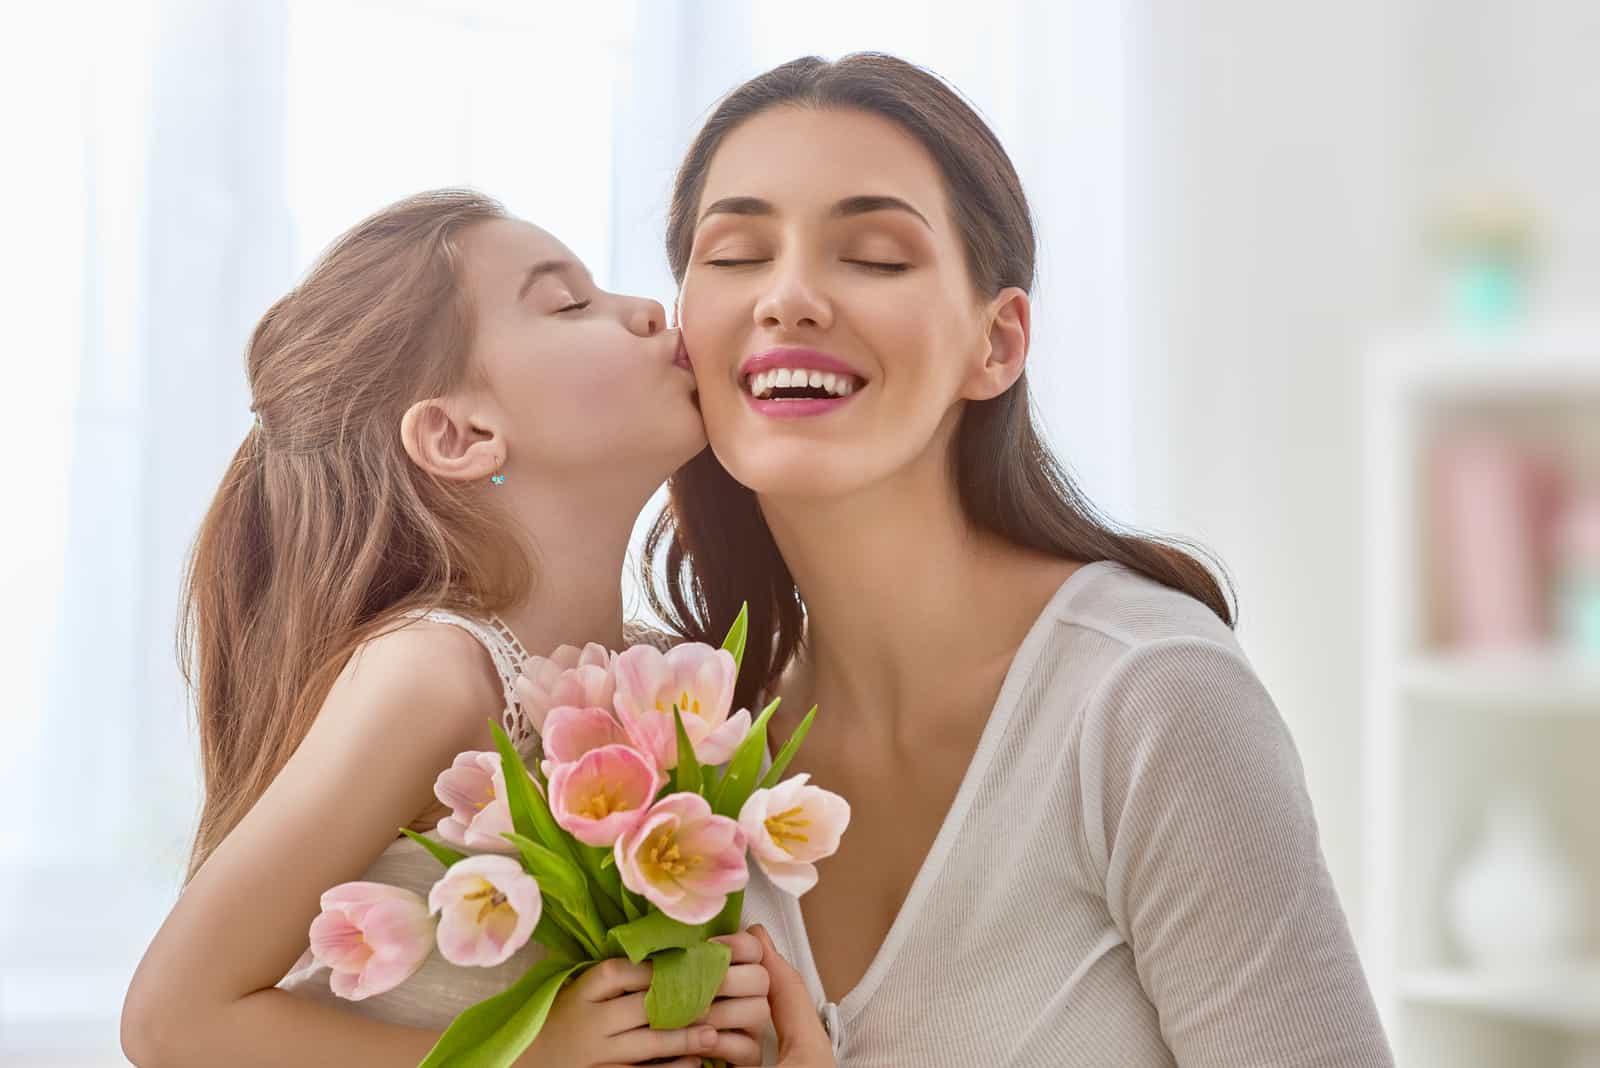 la fille a surpris sa mère avec un bouquet de roses